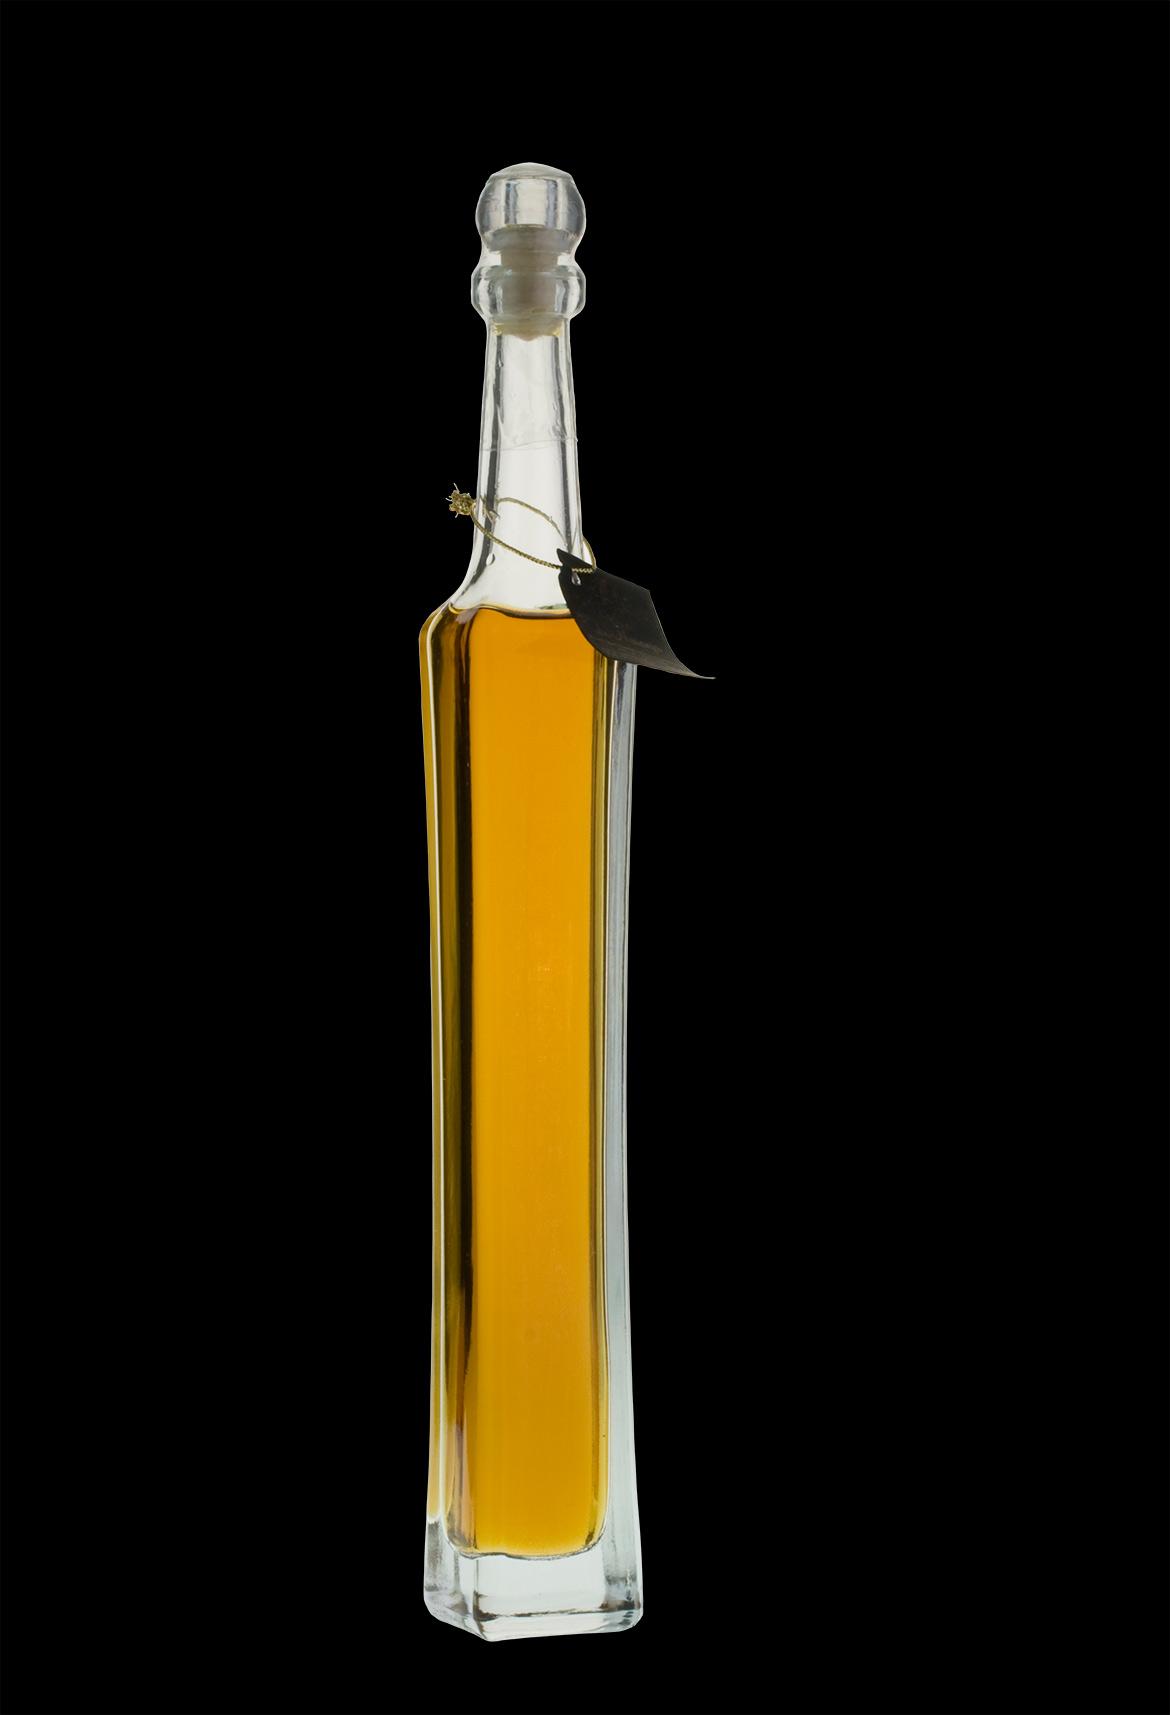 Vin de portocale ravelo invechit Principe